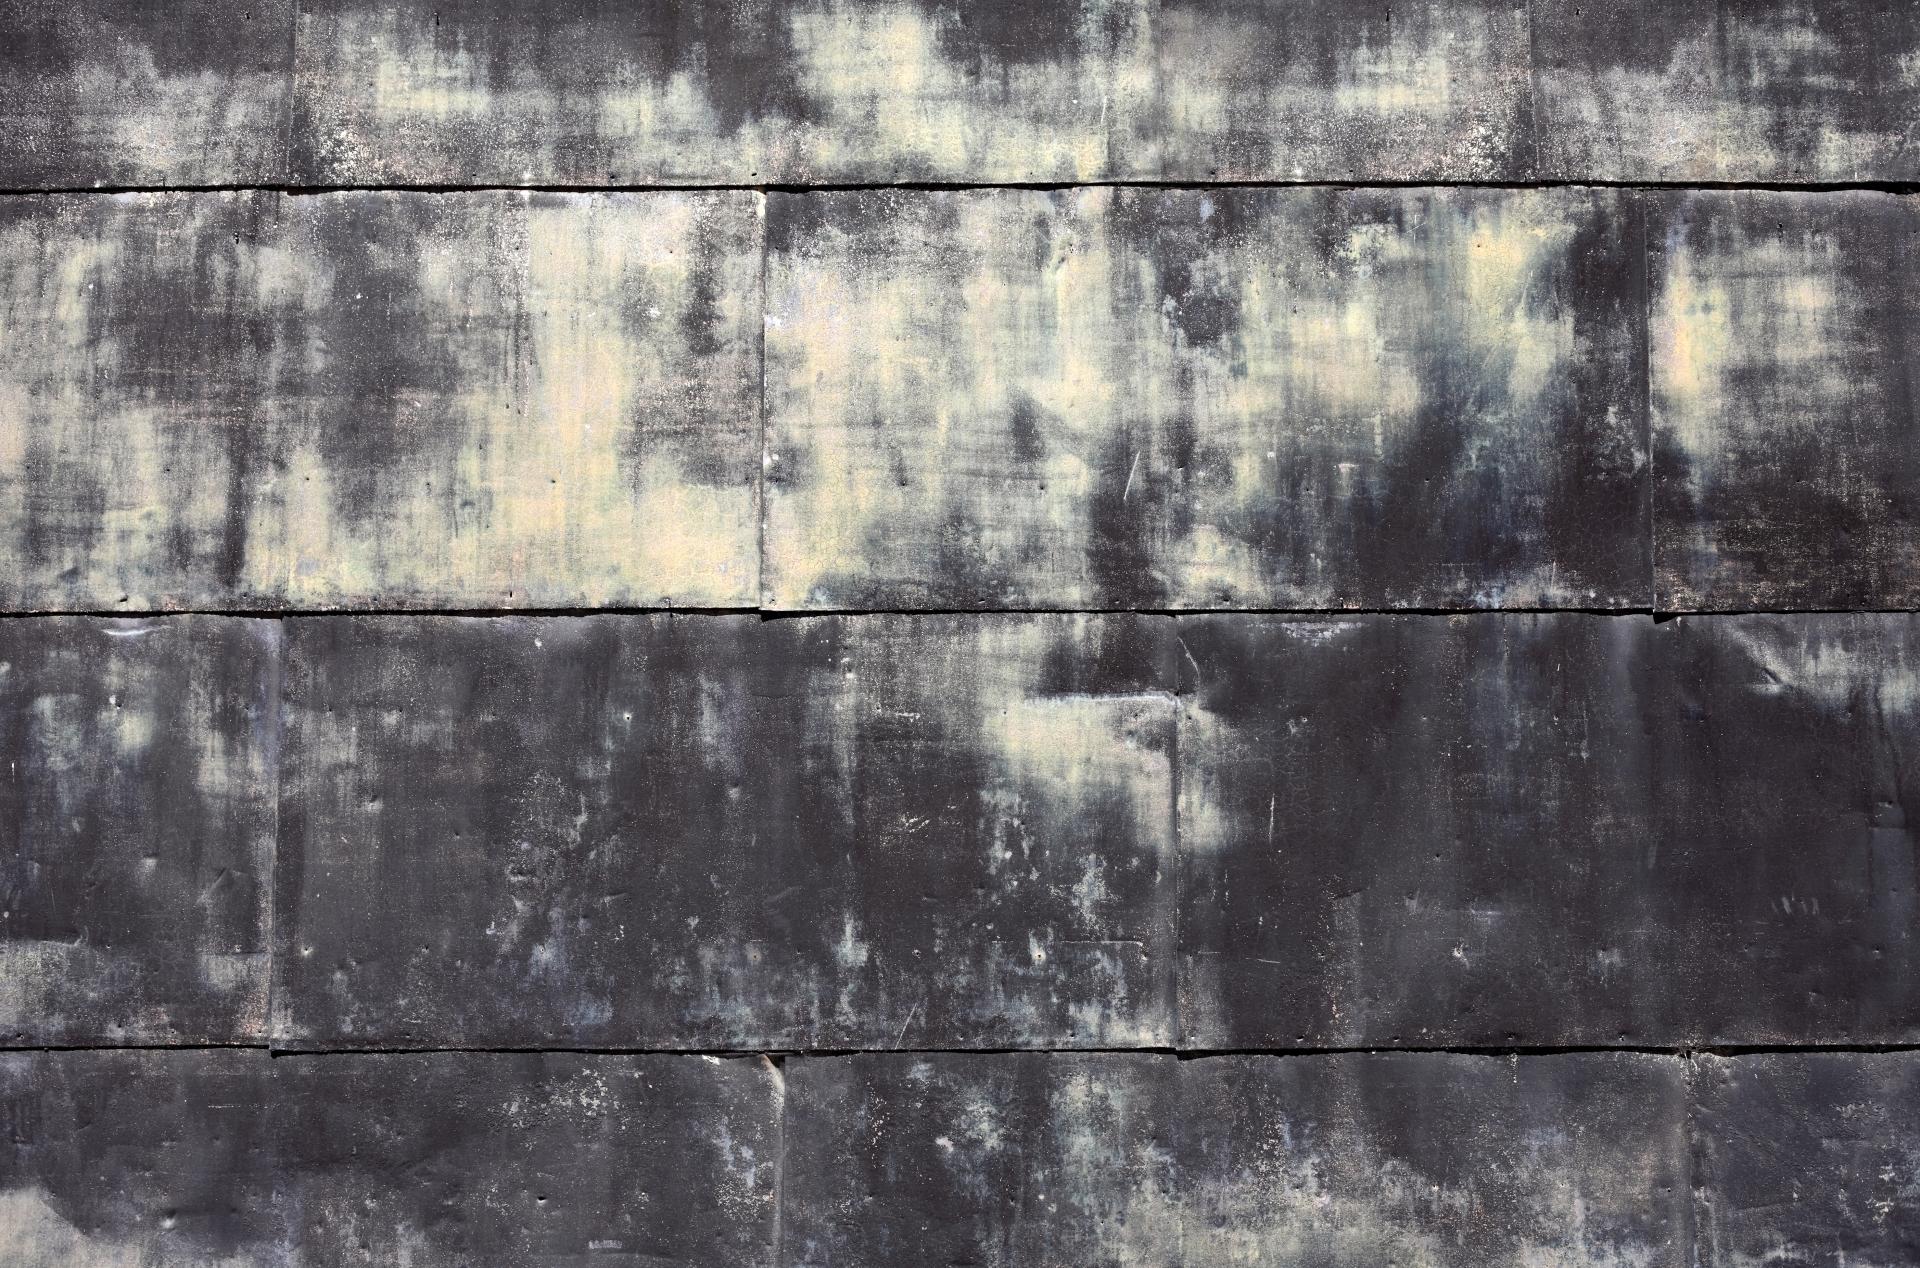 汚れやすさをカバーする!黒い外壁向けの塗料・お手入れのポイント